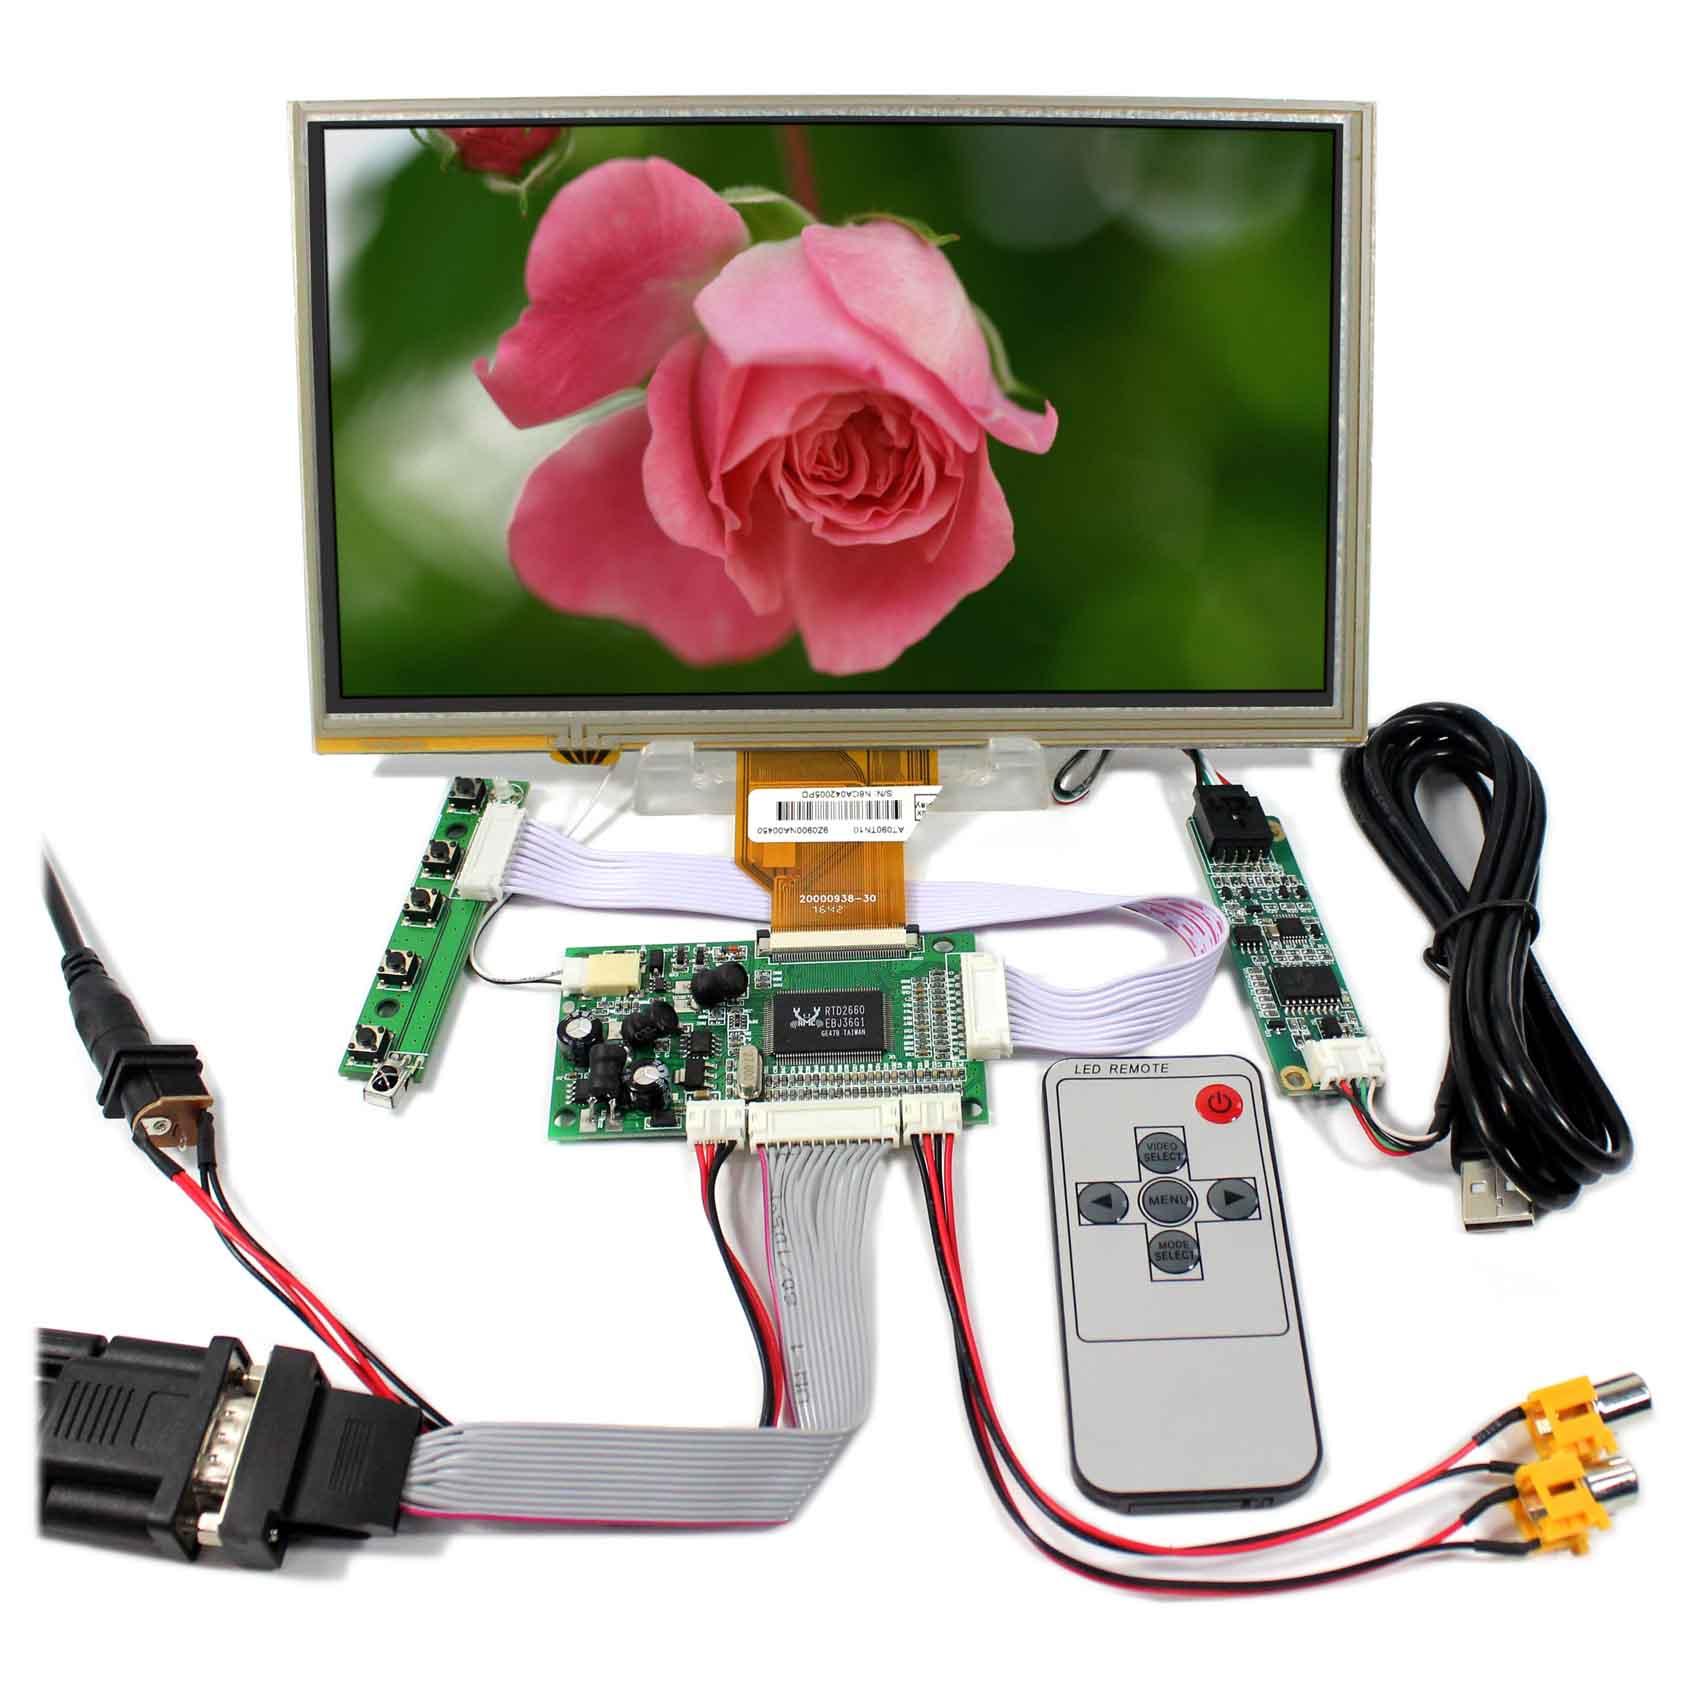 LCD Driver 800x480 AT090TN12 9 LCD Touch Dello Schermo VGA AV LCD Scheda del ControllerLCD Driver 800x480 AT090TN12 9 LCD Touch Dello Schermo VGA AV LCD Scheda del Controller